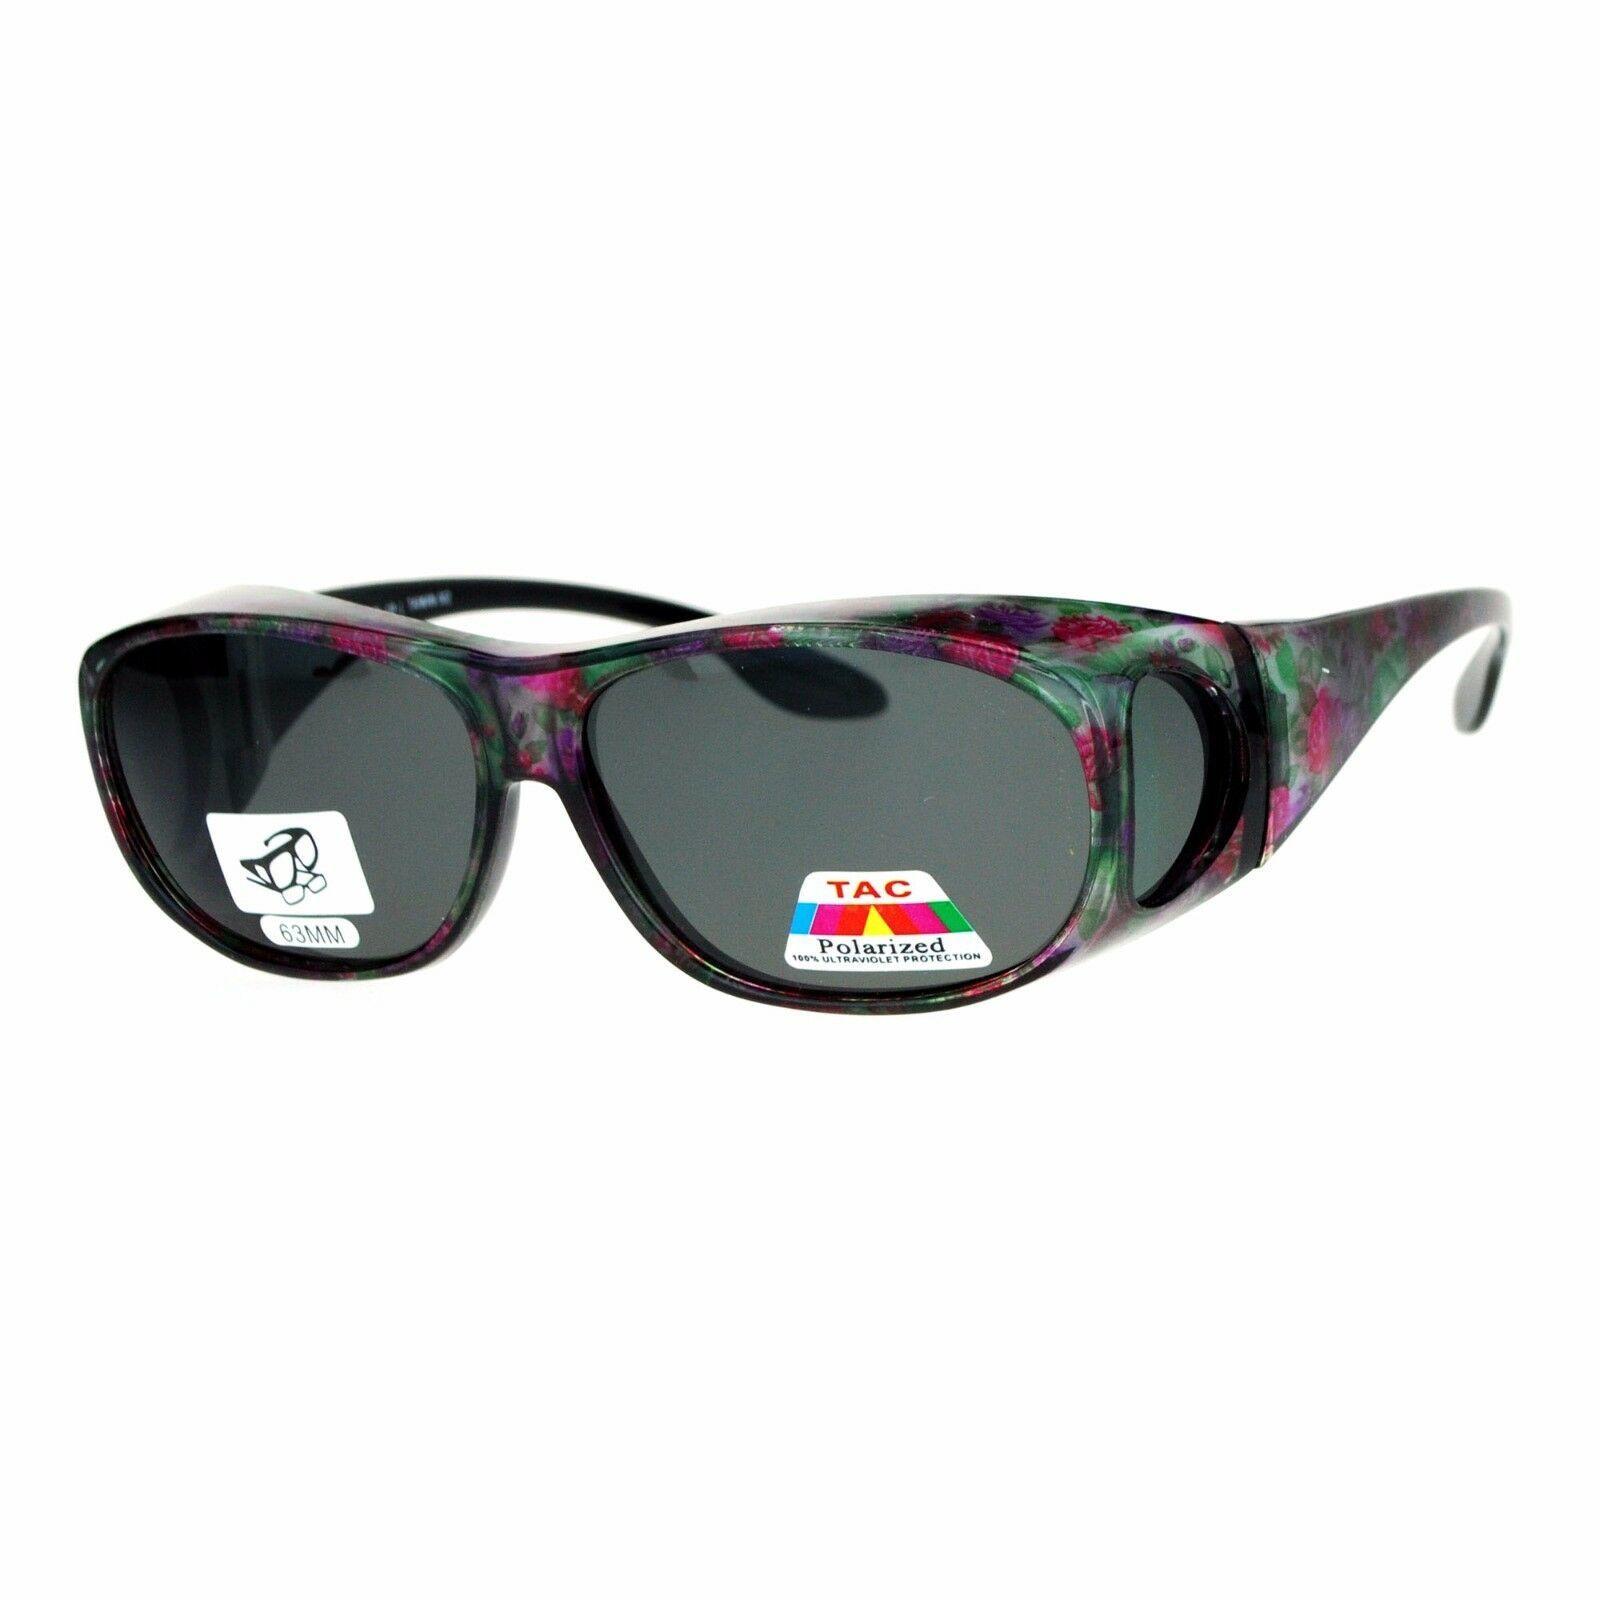 Polarized Lens OTG Sunglasses Fit Over Glasses Oval Rectangular Anti-Glare